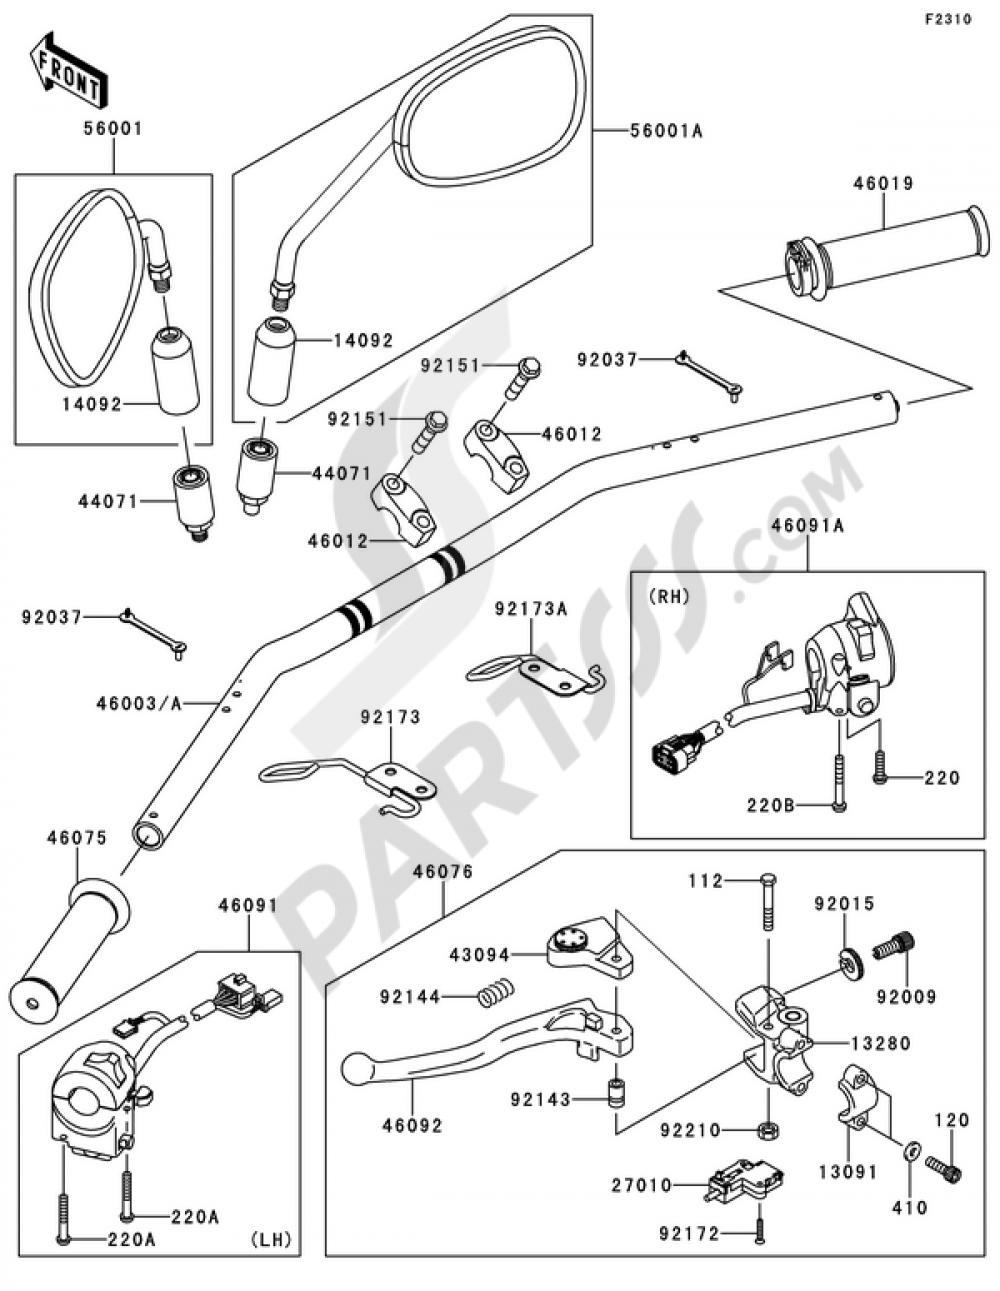 Wiring Diagram On Spy 5000m Wiring Diagram Kawasaki Klr 650 Wiring